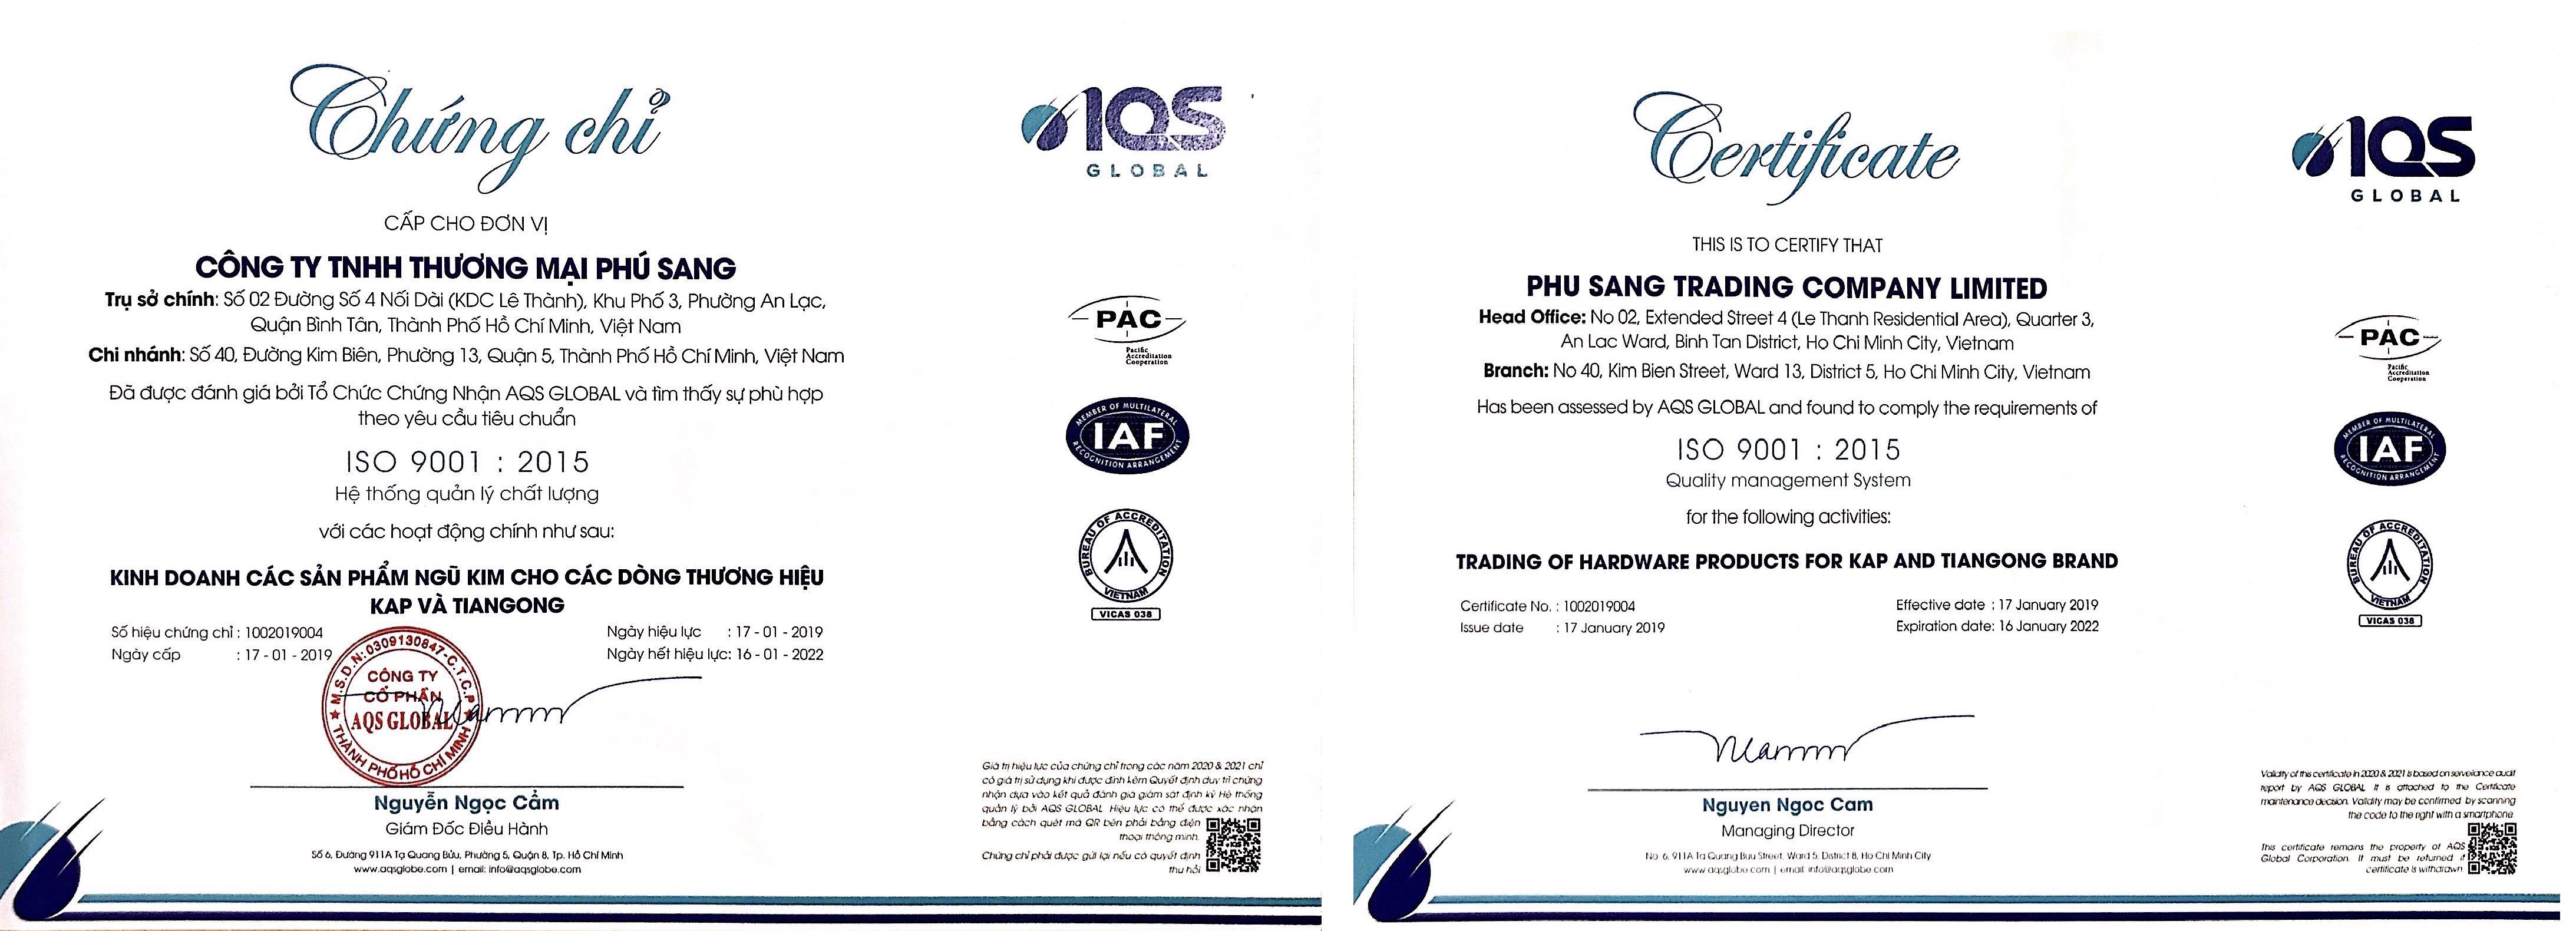 HỆ THỐNG QUẢN LÝ CHẤT LƯỢNG ISO 9001:2015